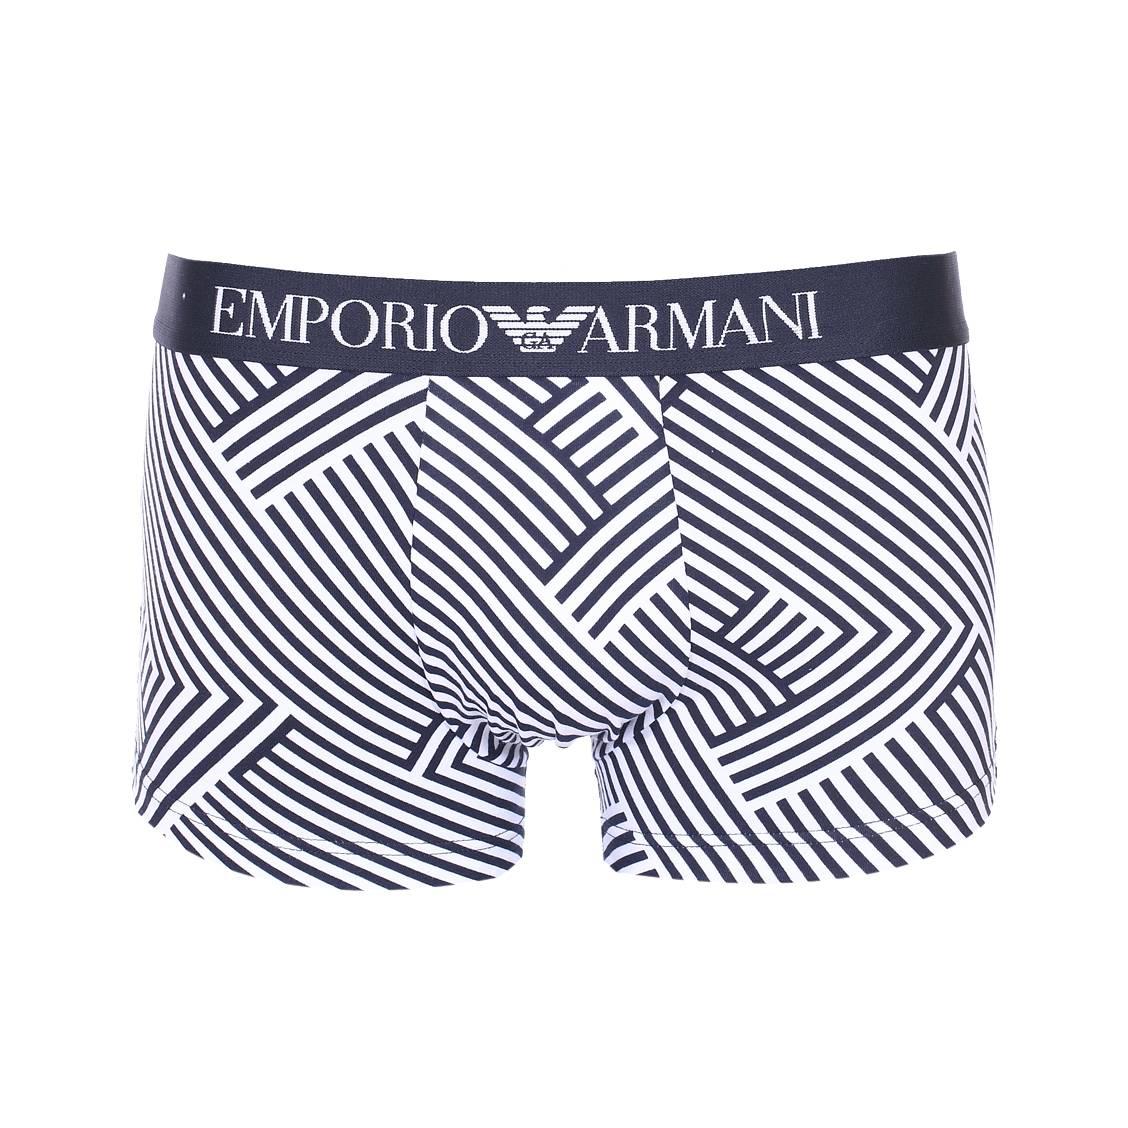 Boxer  en coton stretch bleu marine à motifs géométriques